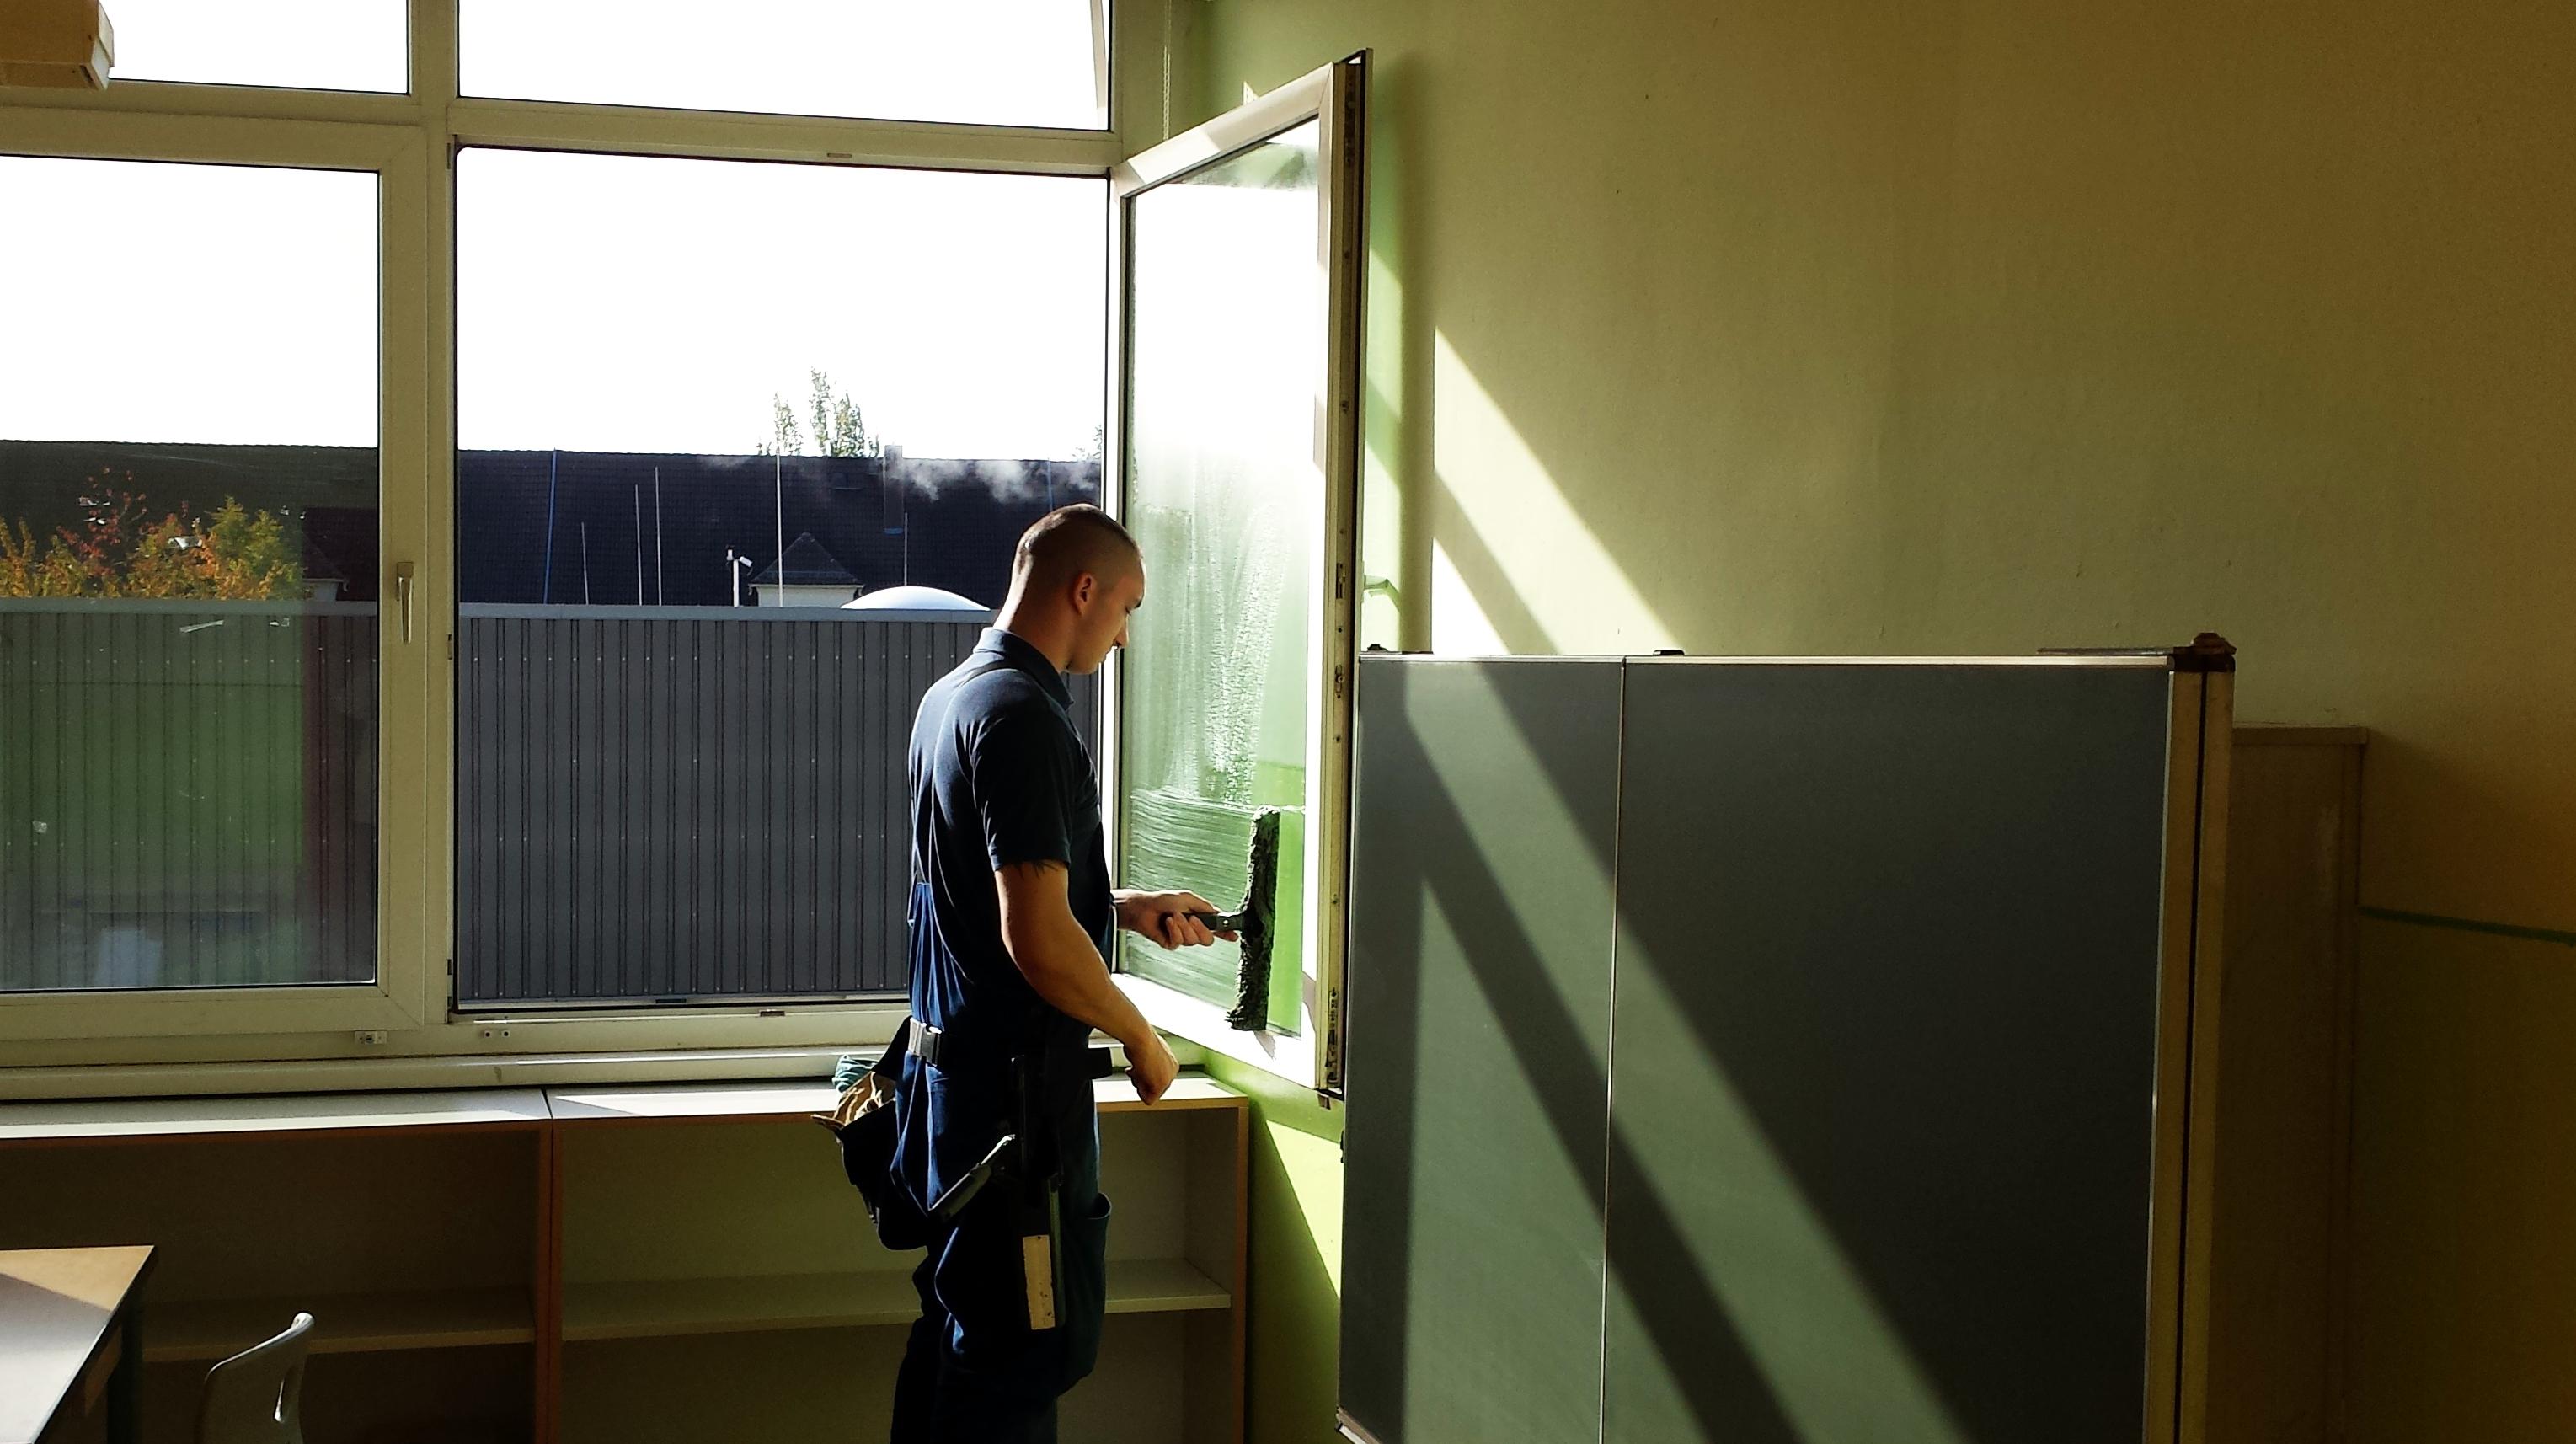 Ruck zuck wäscht RWS-Glasreiniger Kevin Hoffmann das Fenster mit dem Einwascher ein.